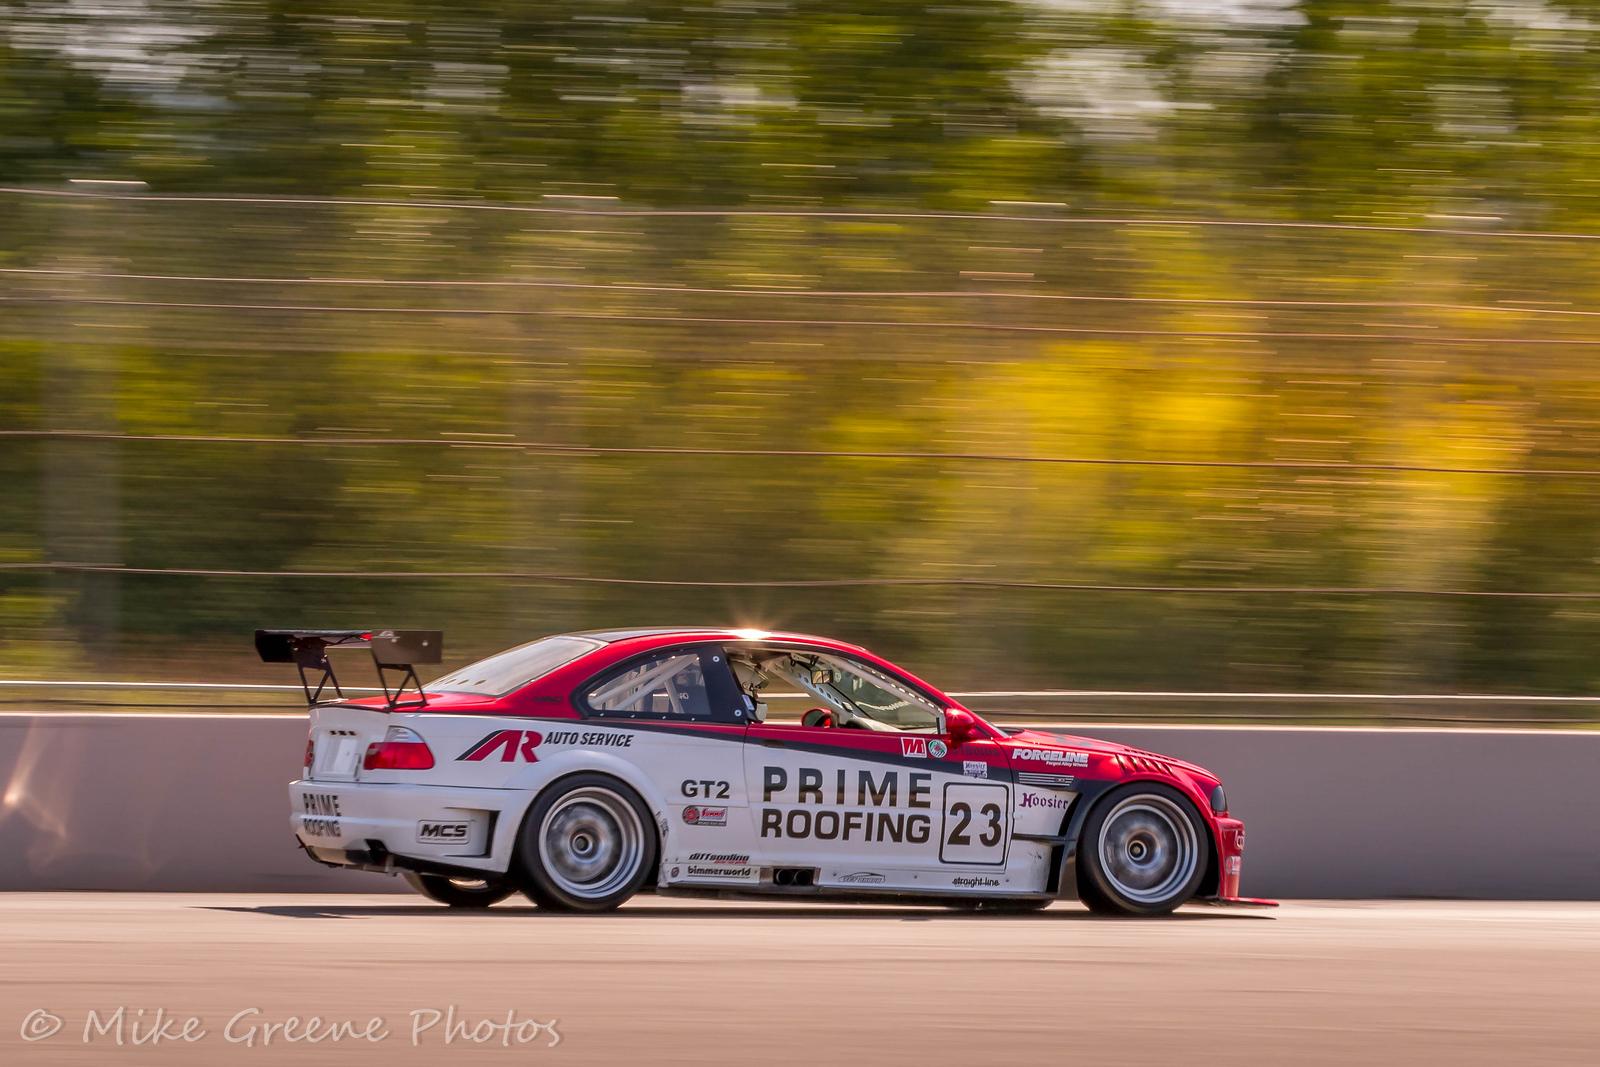 IMAGE: https://photos.smugmug.com/Events-Automotive/SCCA-Event-PIR-May-2021/i-ftLbxm2/0/5fa06eb0/X3/9C4A3463-X3.jpg